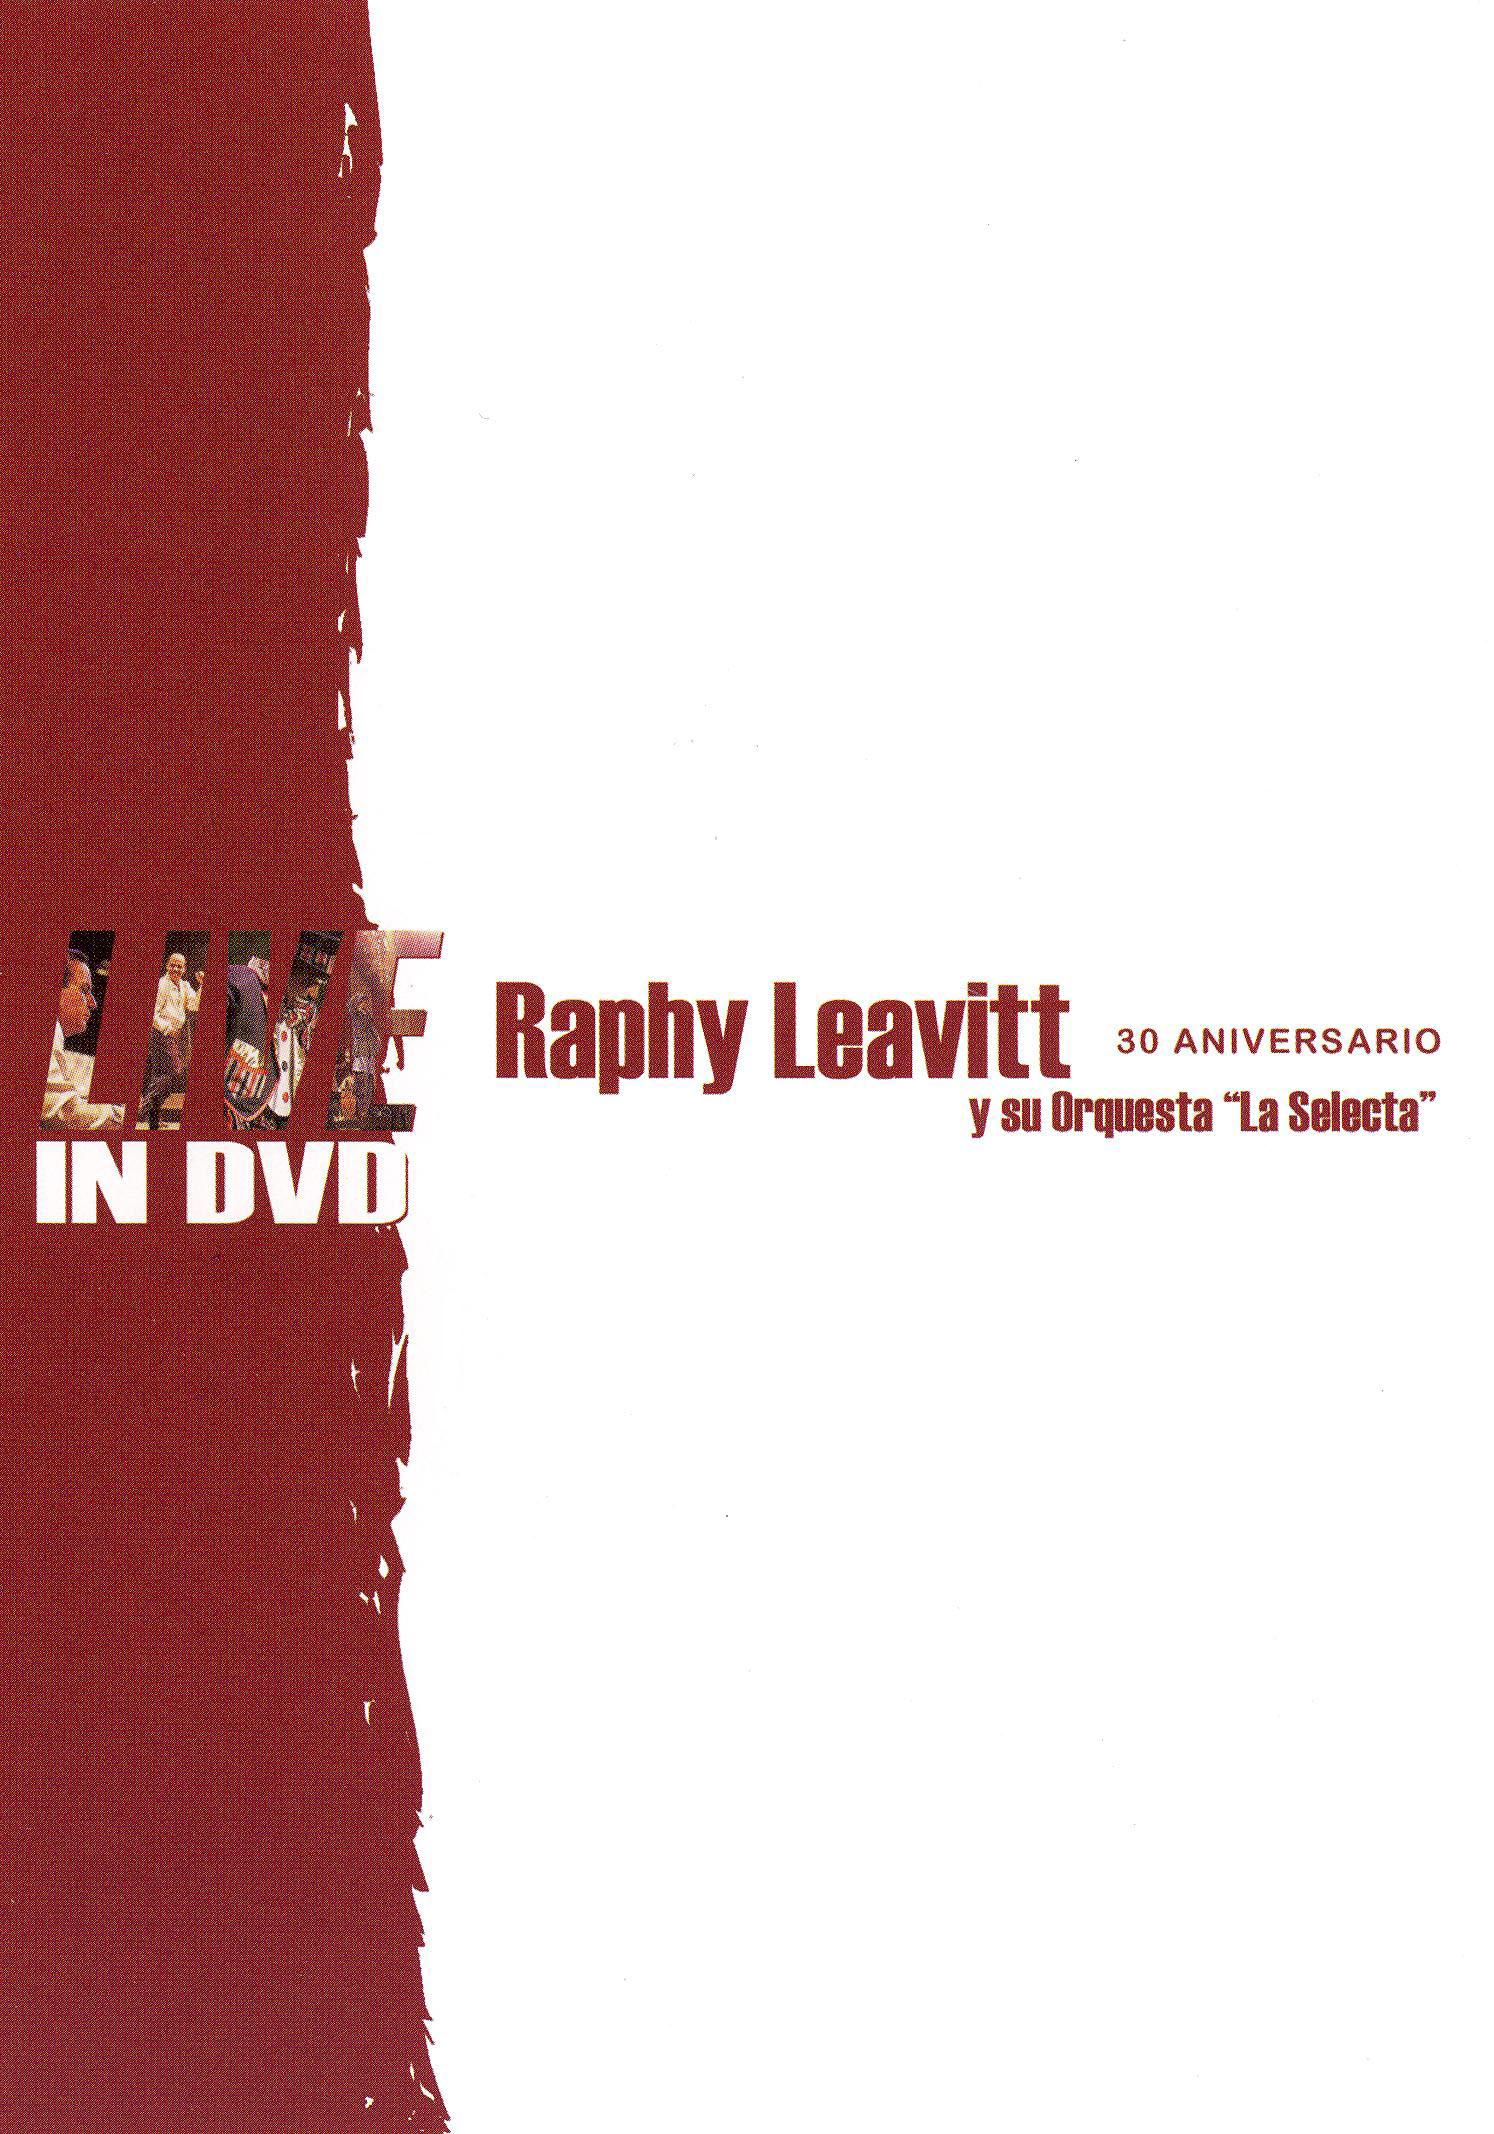 Raphy Leavitt y La Selecta: 30 Aniversario